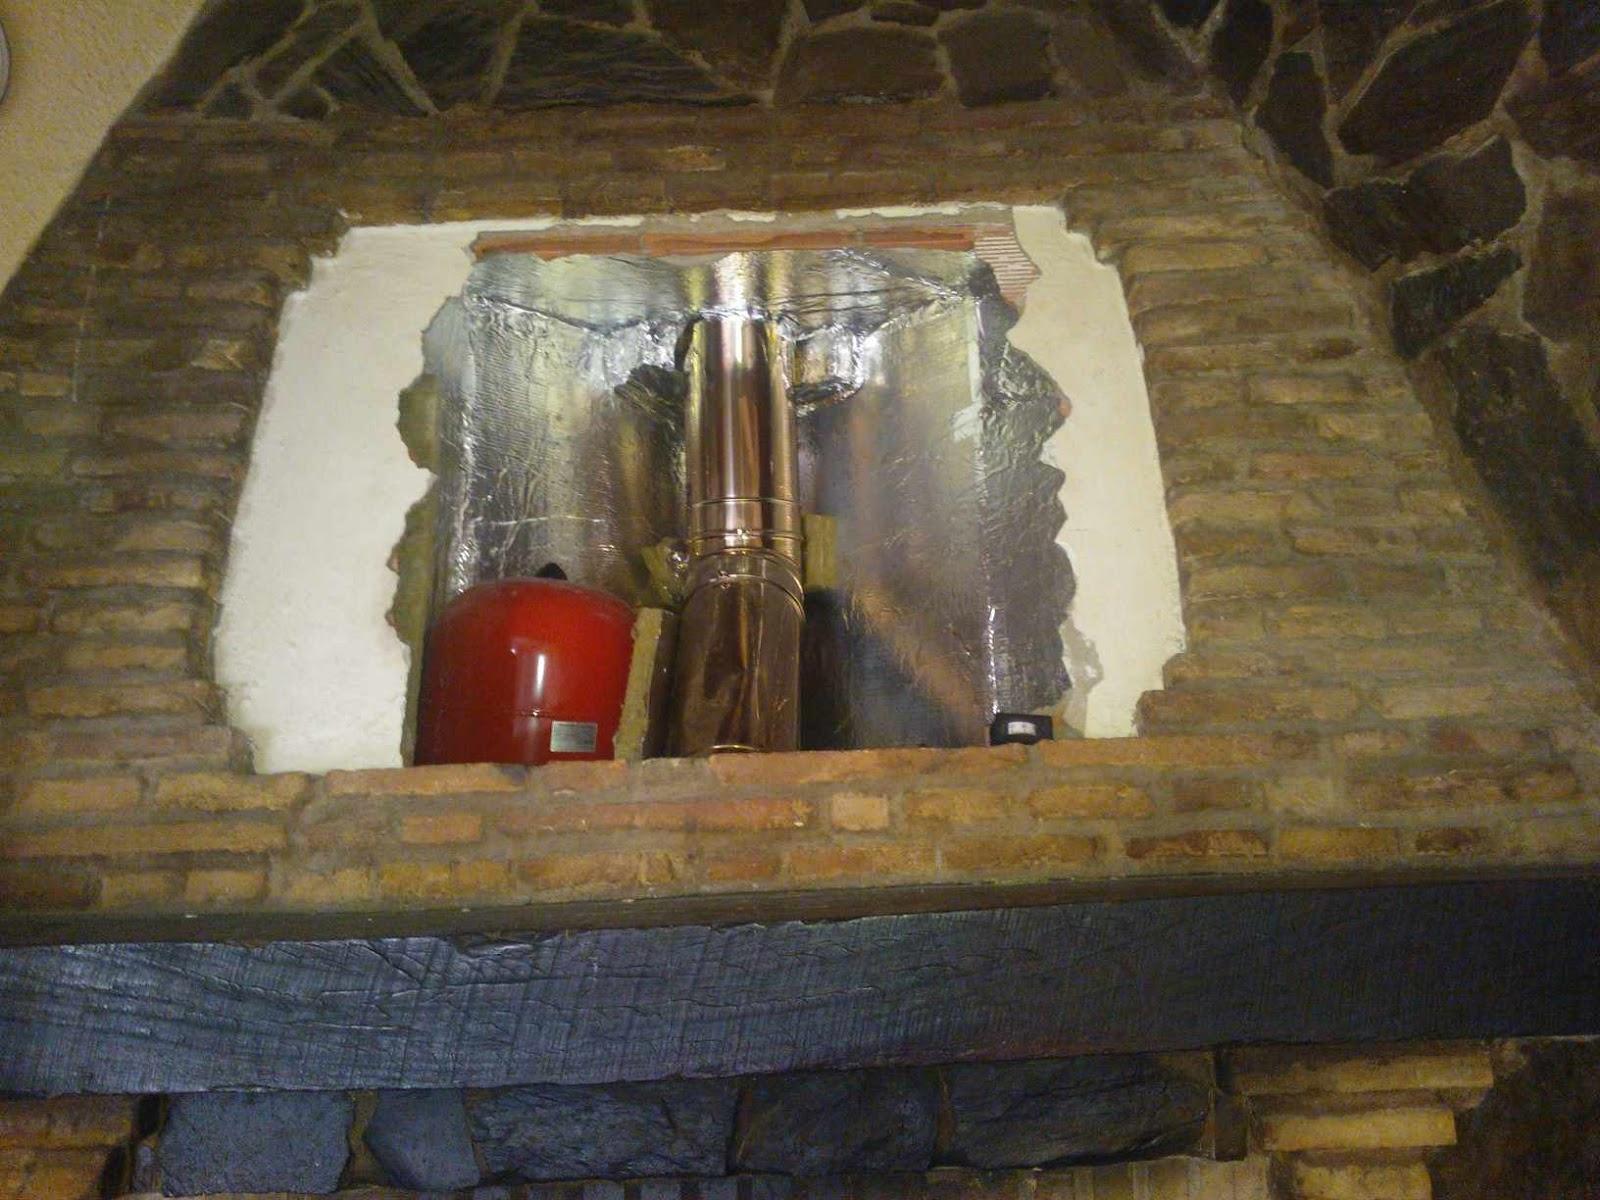 Estufas de le a conectadas a radiadores hydraulic actuators for Calderas de lena para radiadores de agua